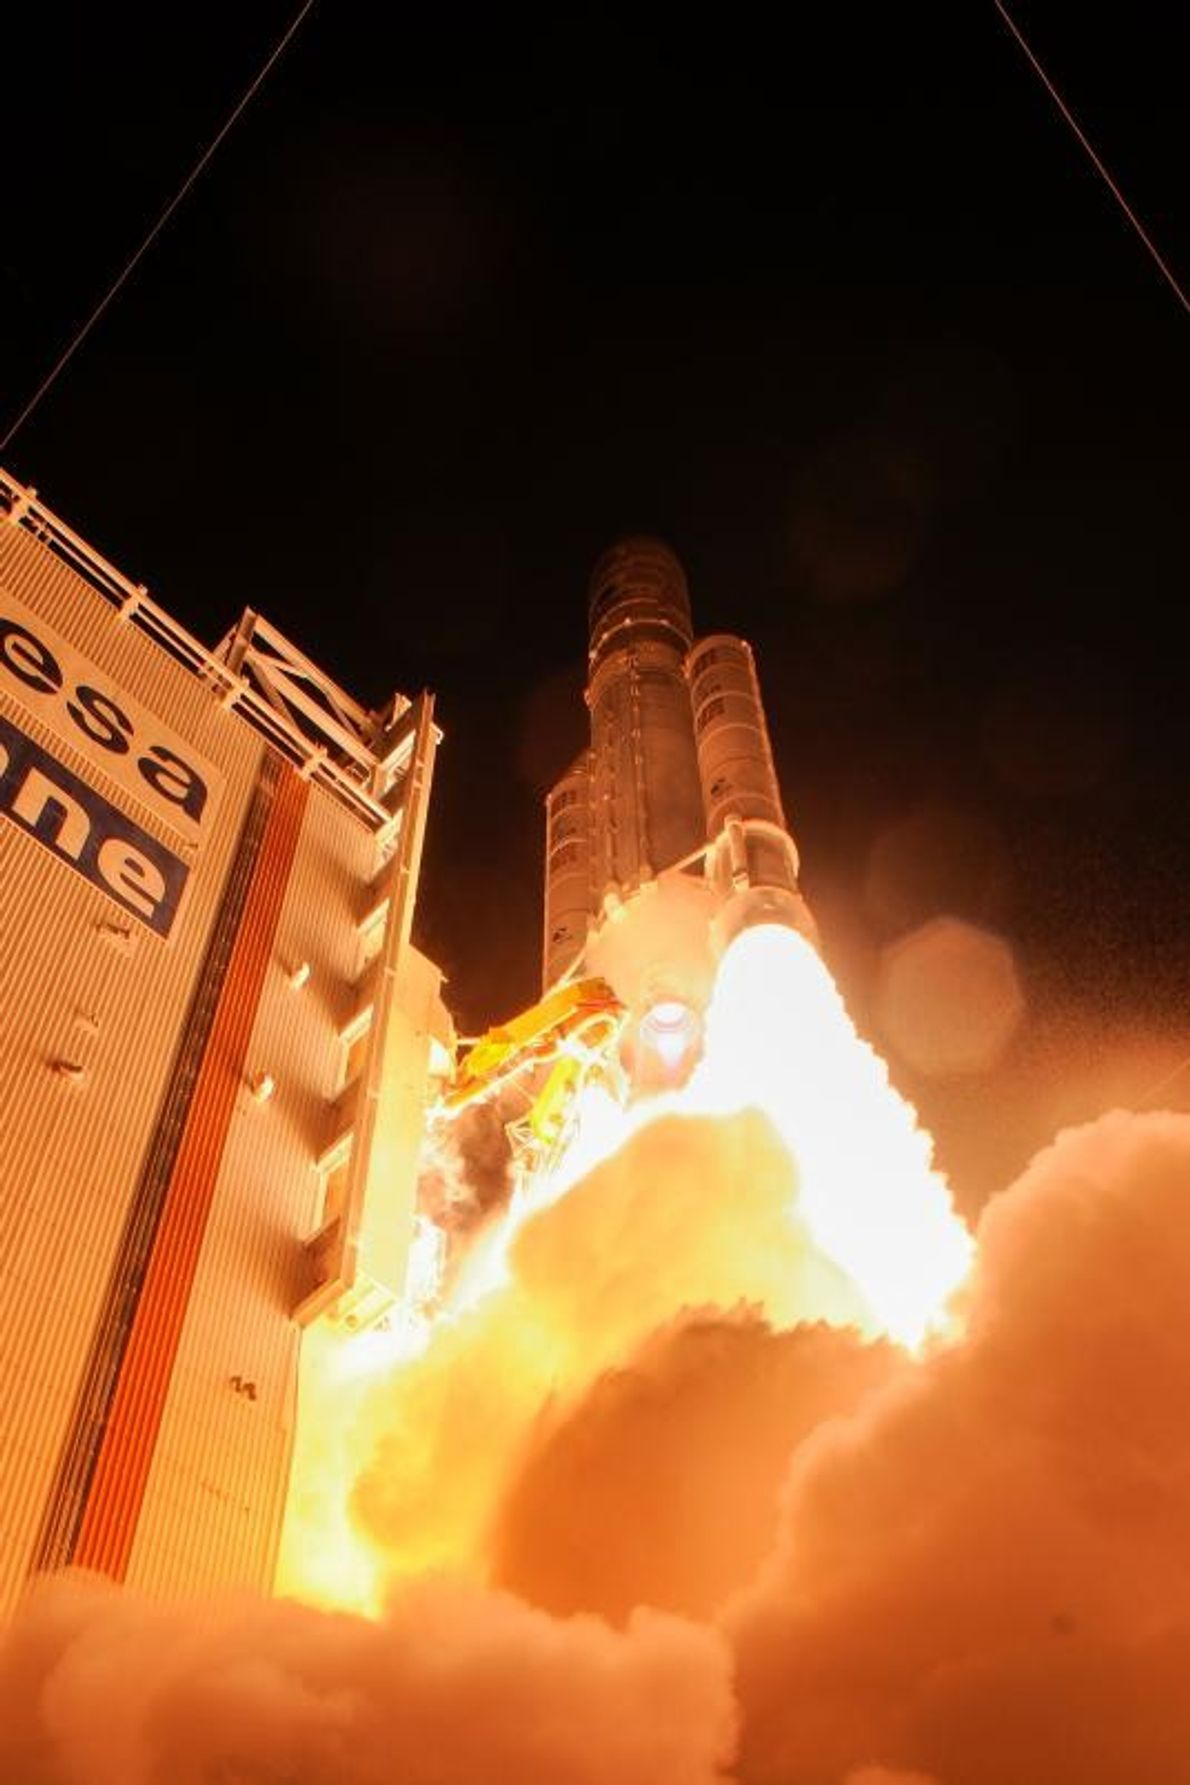 Une fusée éclairante illumine la nuit du 20 octobre, alors que le vaisseau spatial BepiColombo décolle ...